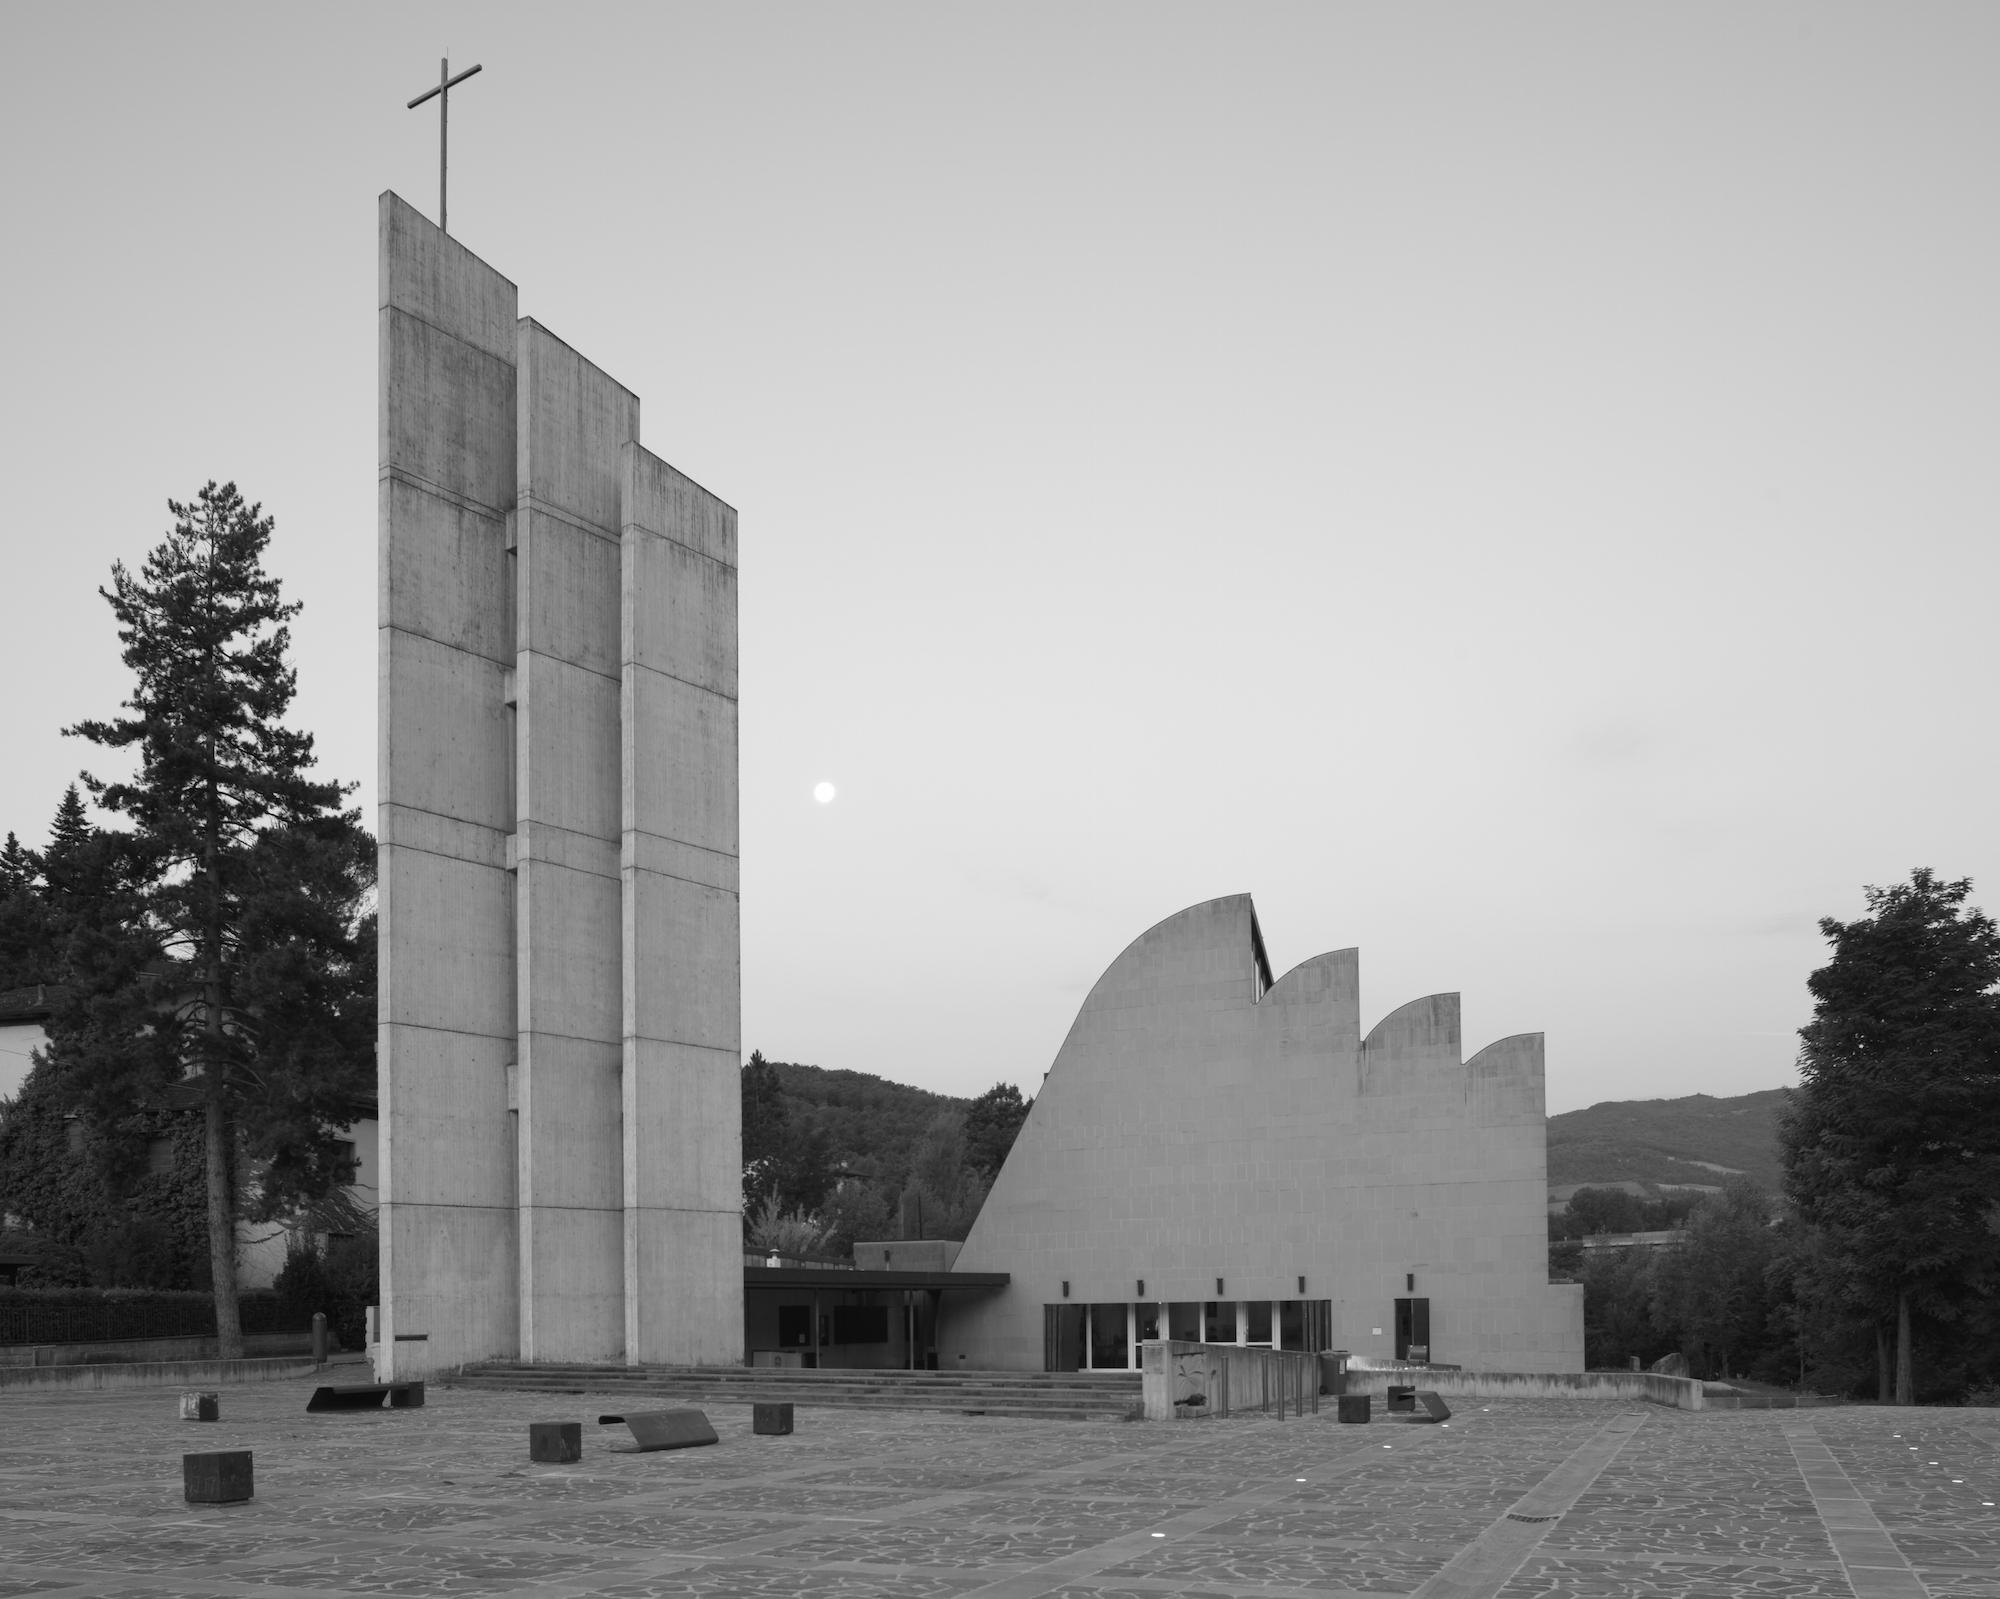 La chiesa Santa Maria Assunta di Alvar Aalto